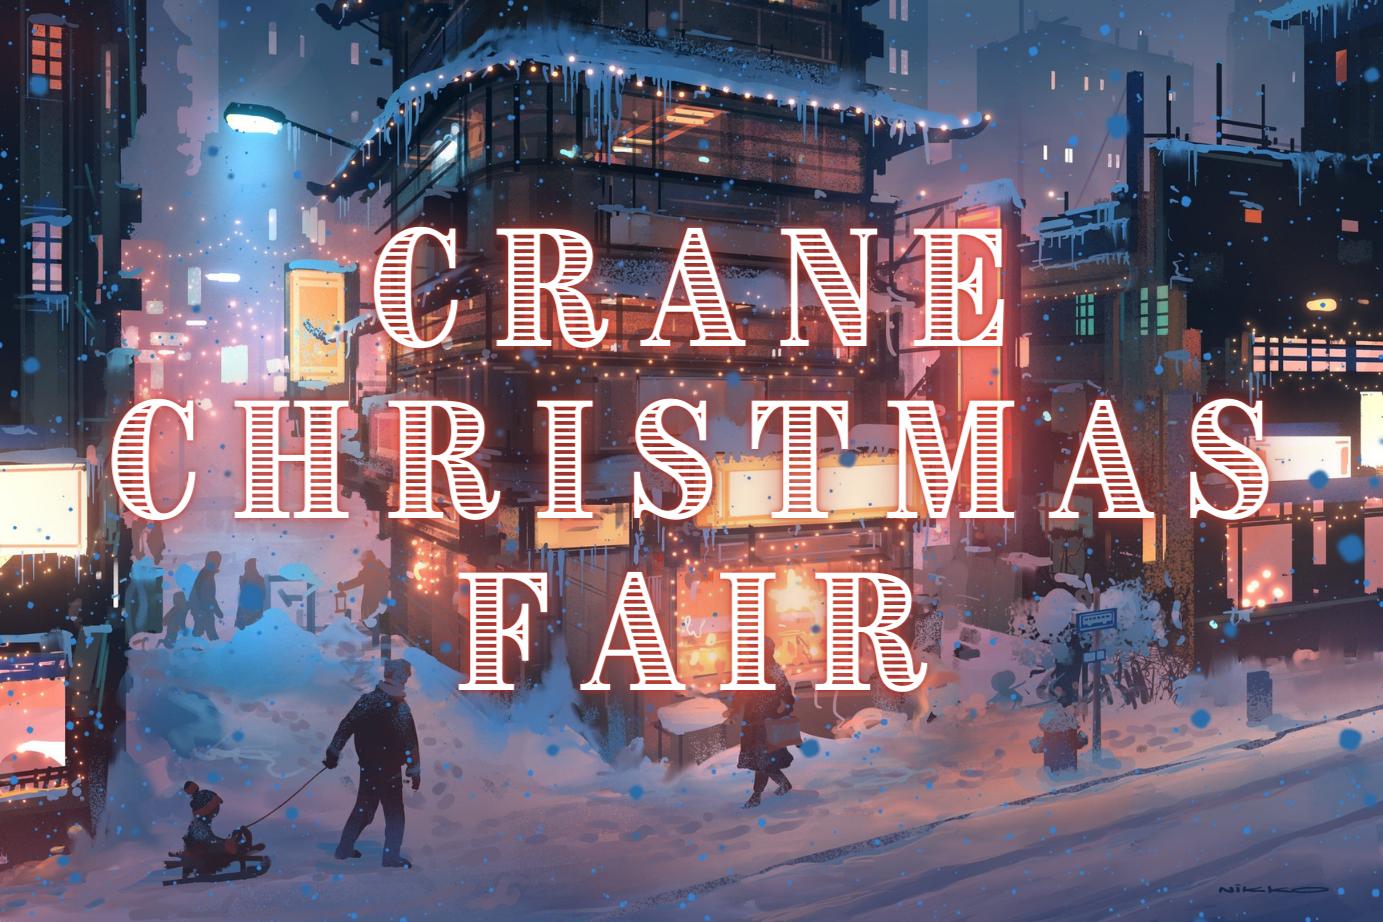 Crane Christmas Fair: Shopping & Food